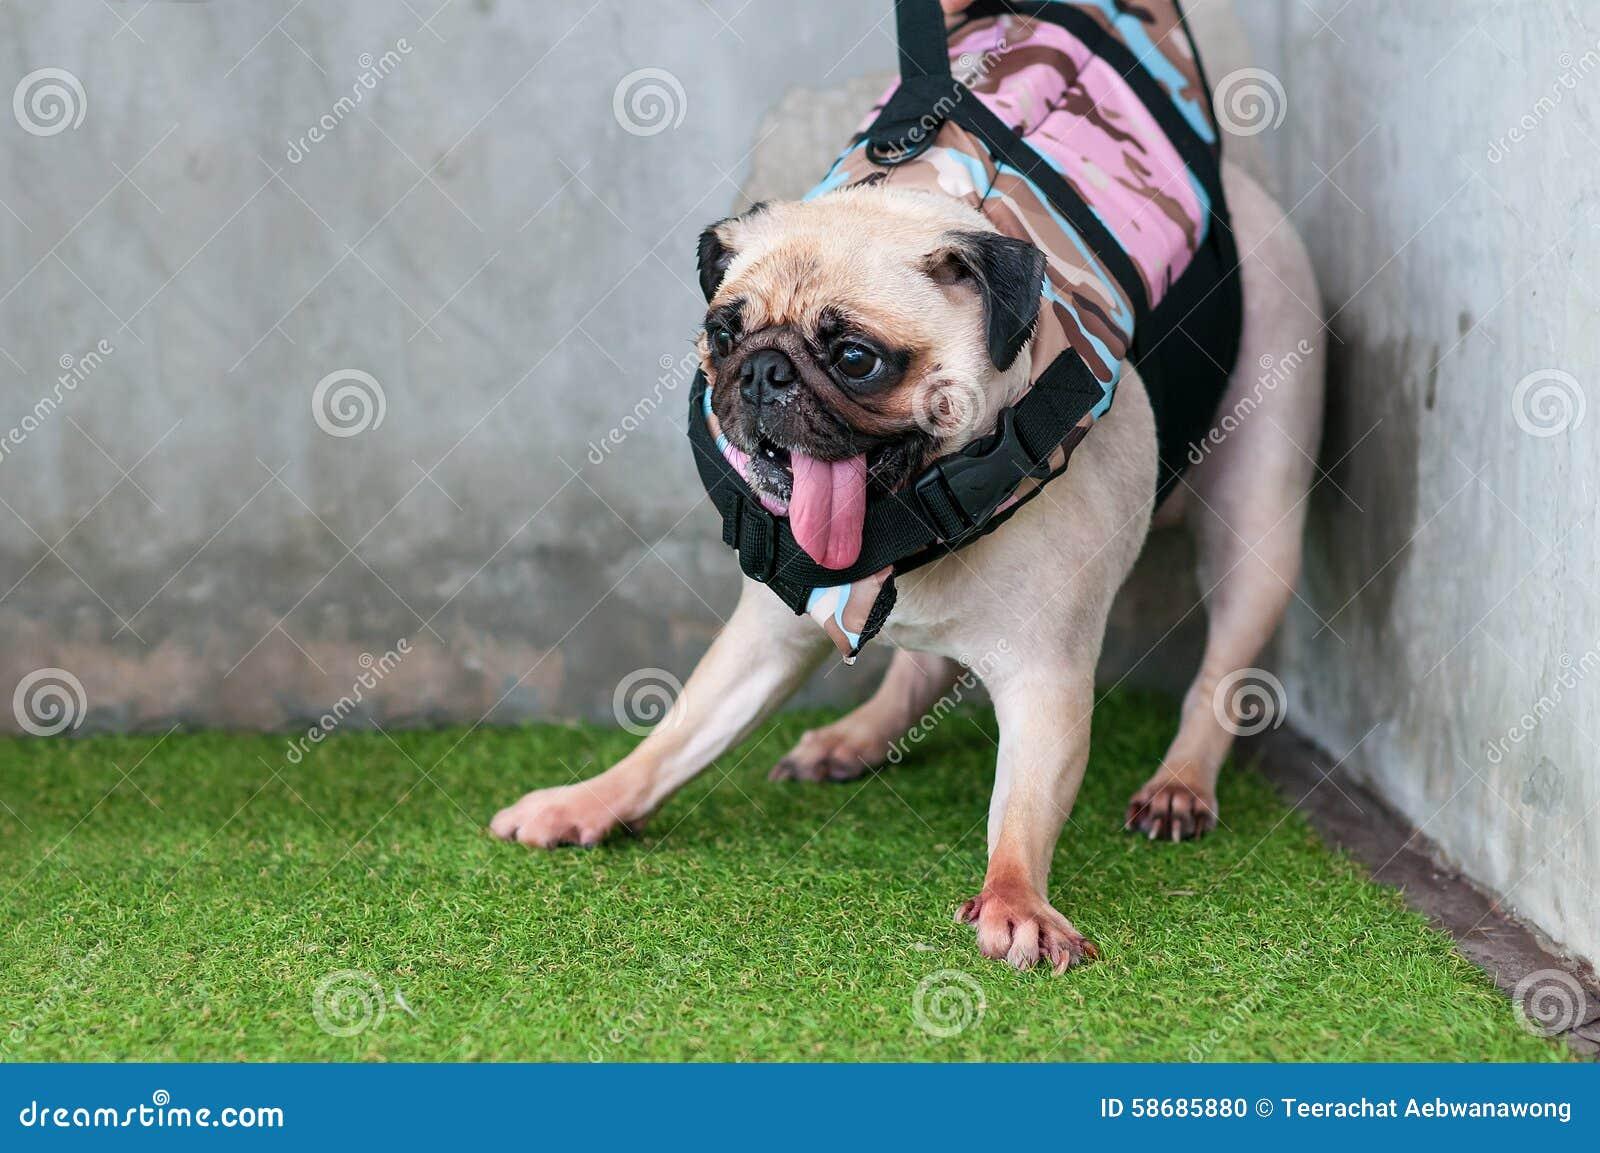 För hundmops för närbild våt gullig skräck för valp att spela vatten på hörnet